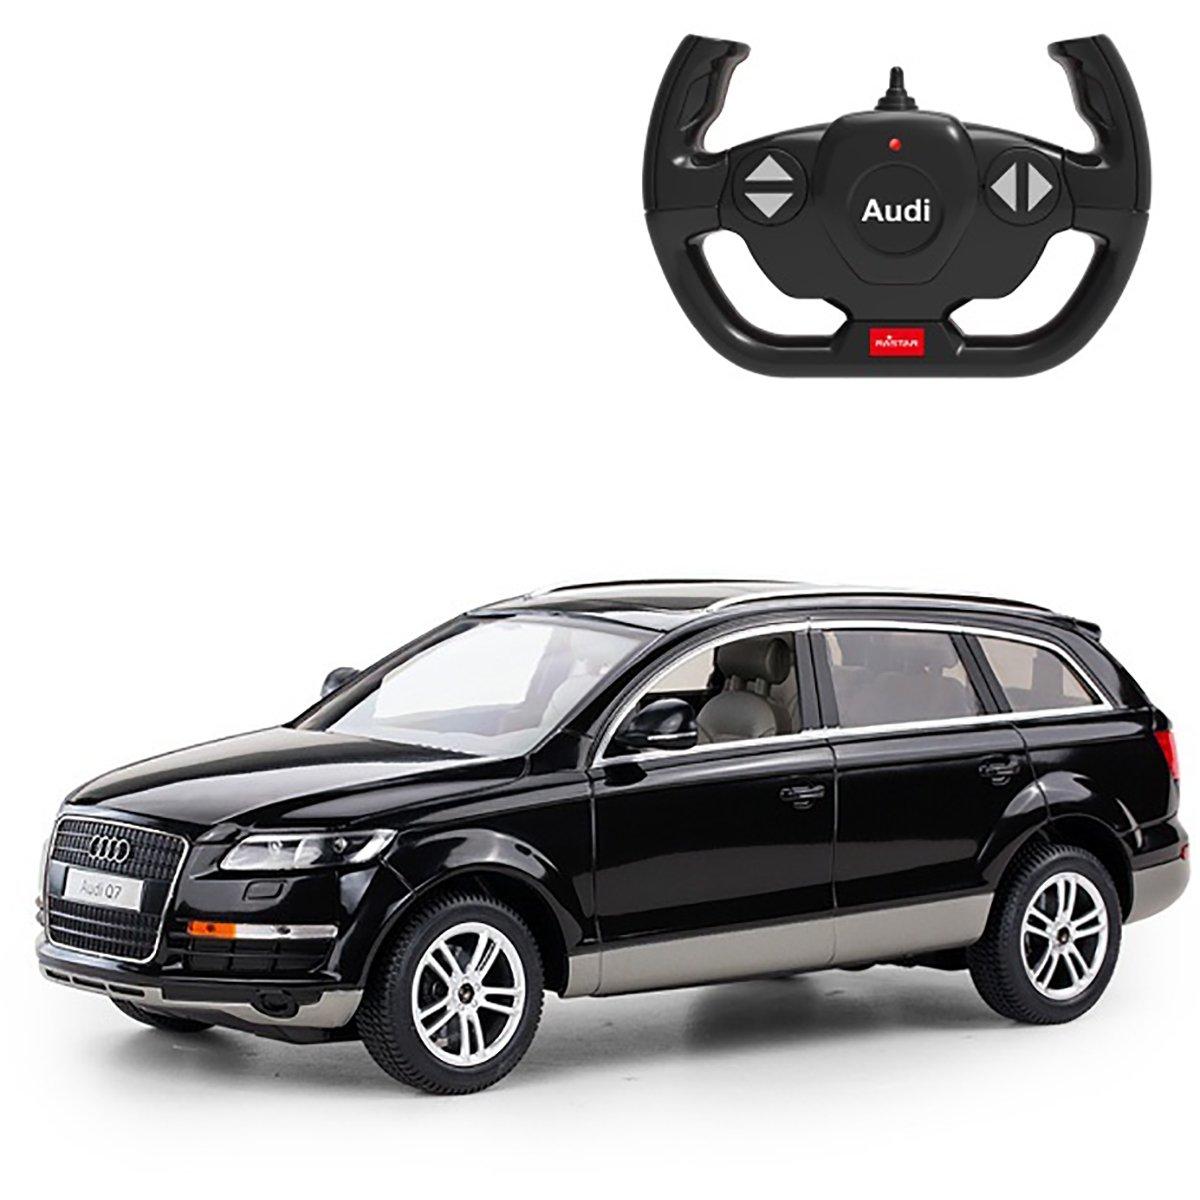 Masinuta cu telecomanda Rastar Audi Q7, Negru, 1:14